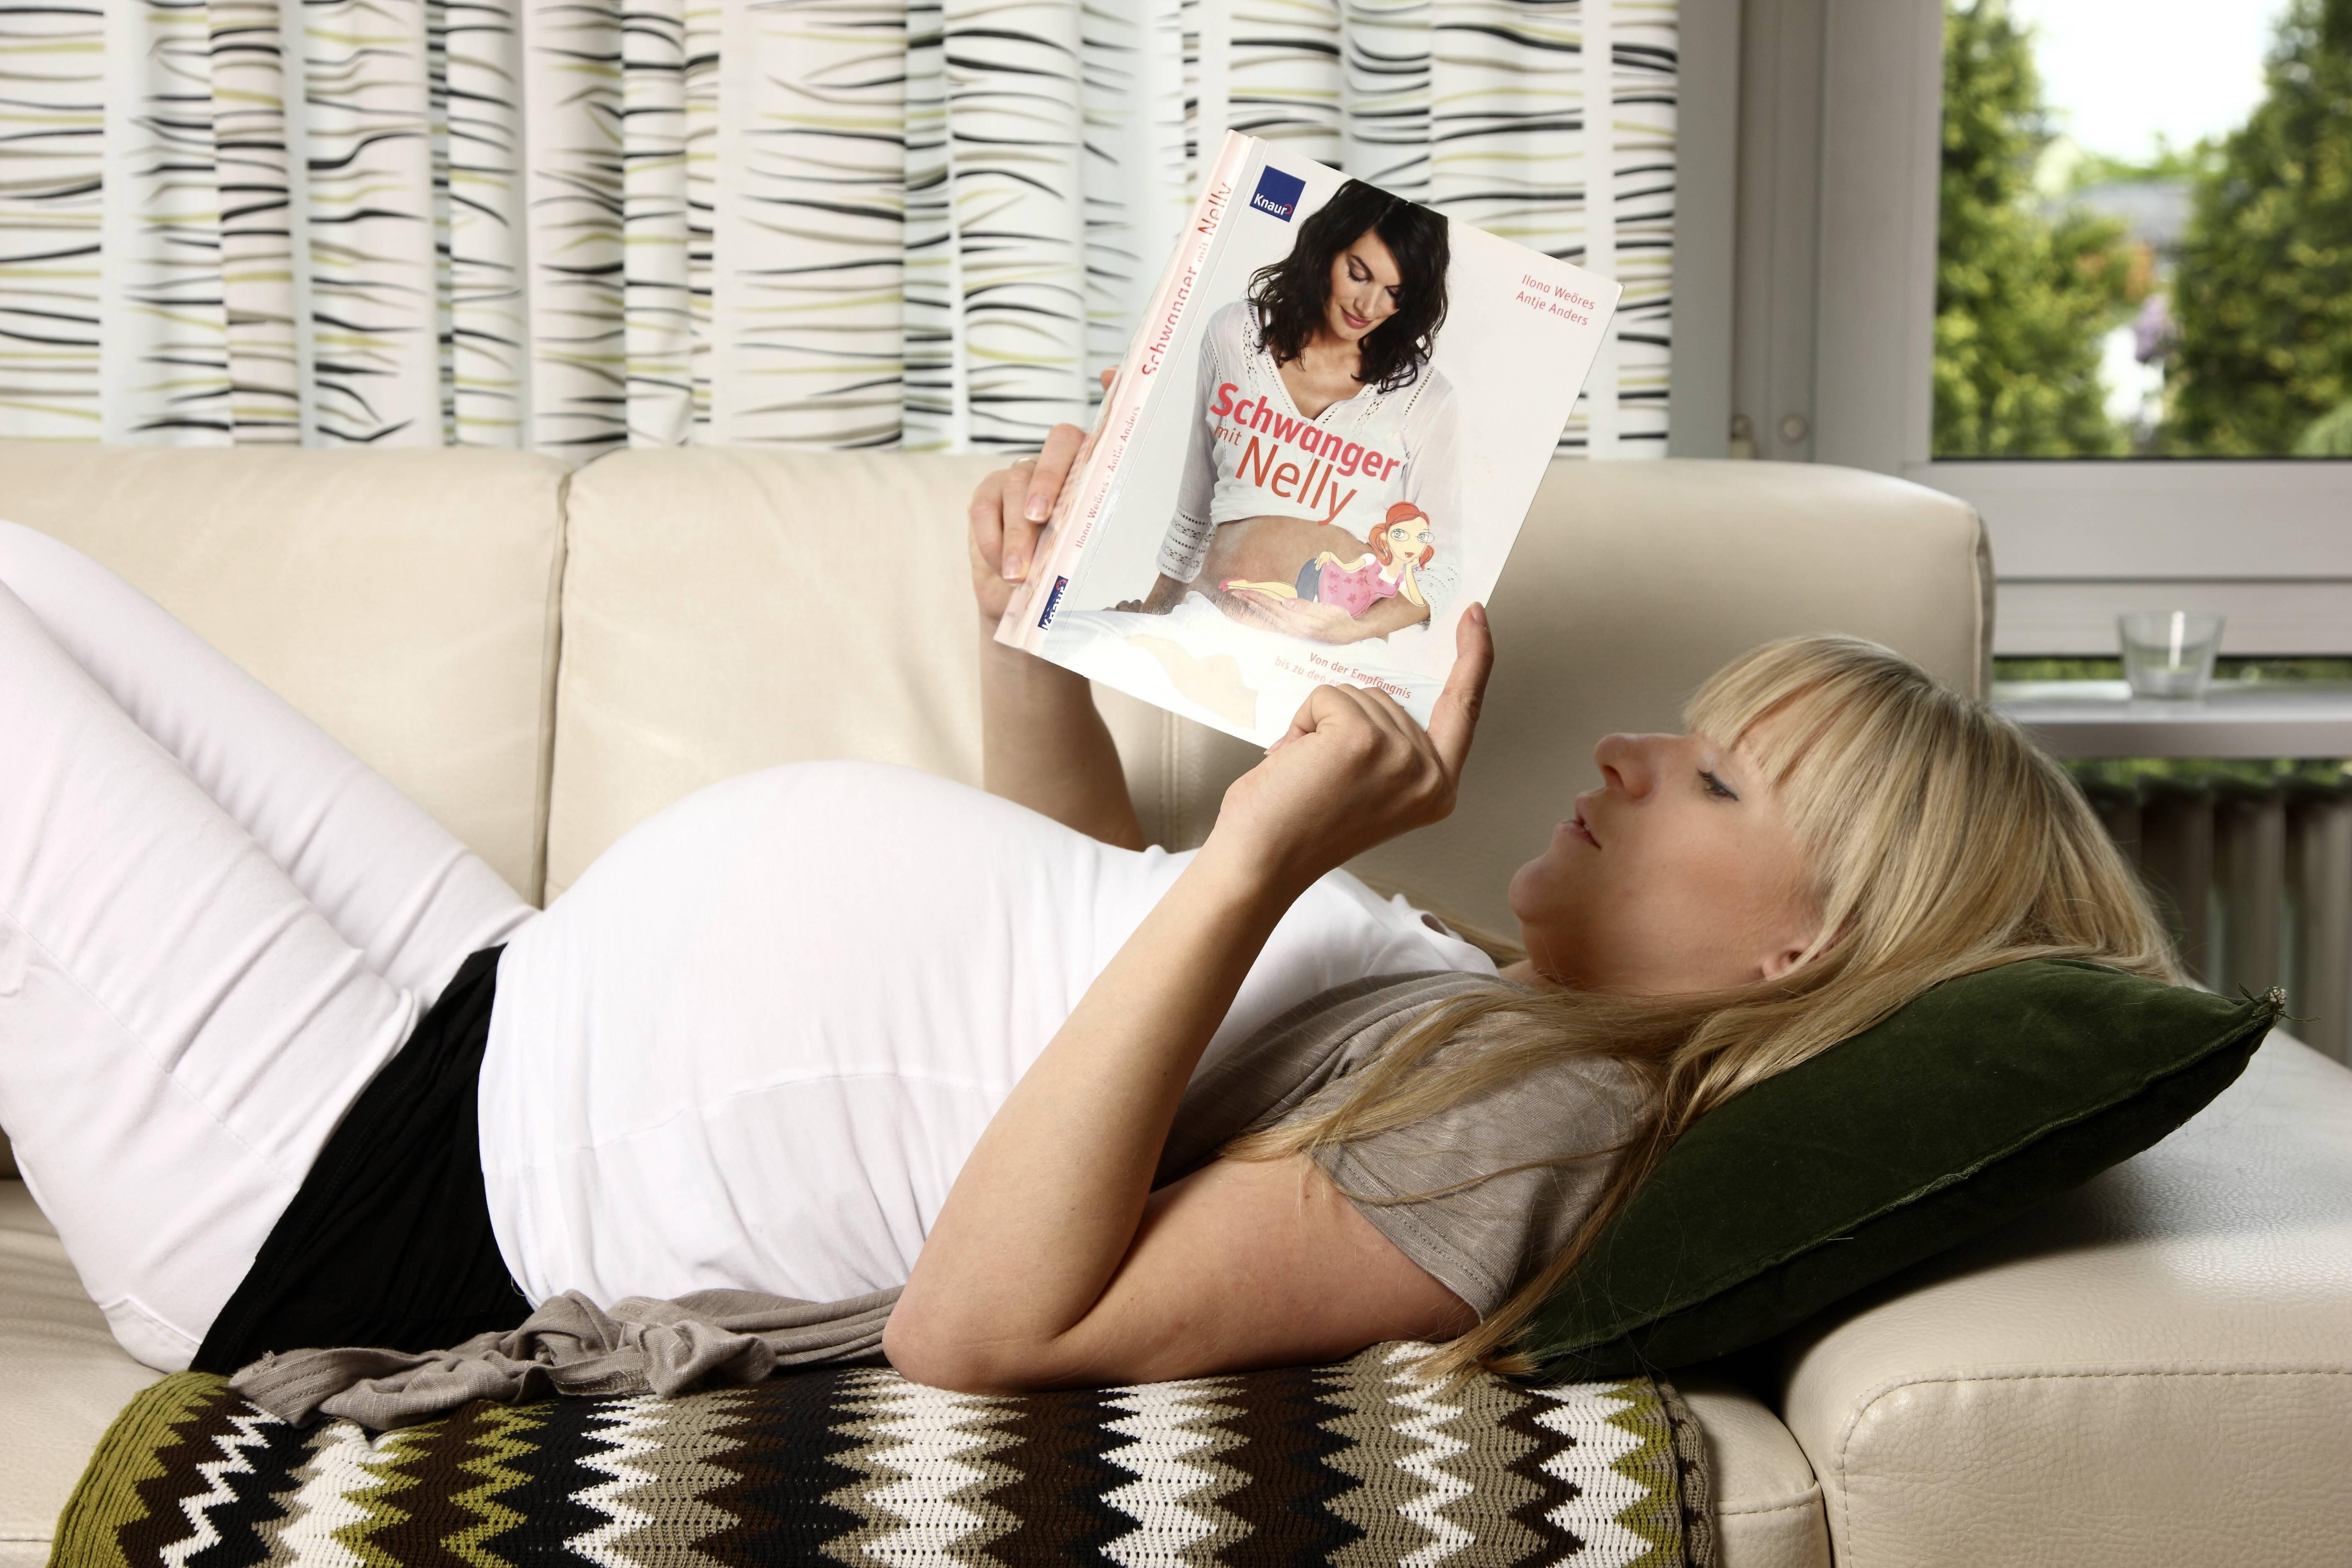 37. SSW: So sieht der Zustand von Mutter und Kind aus